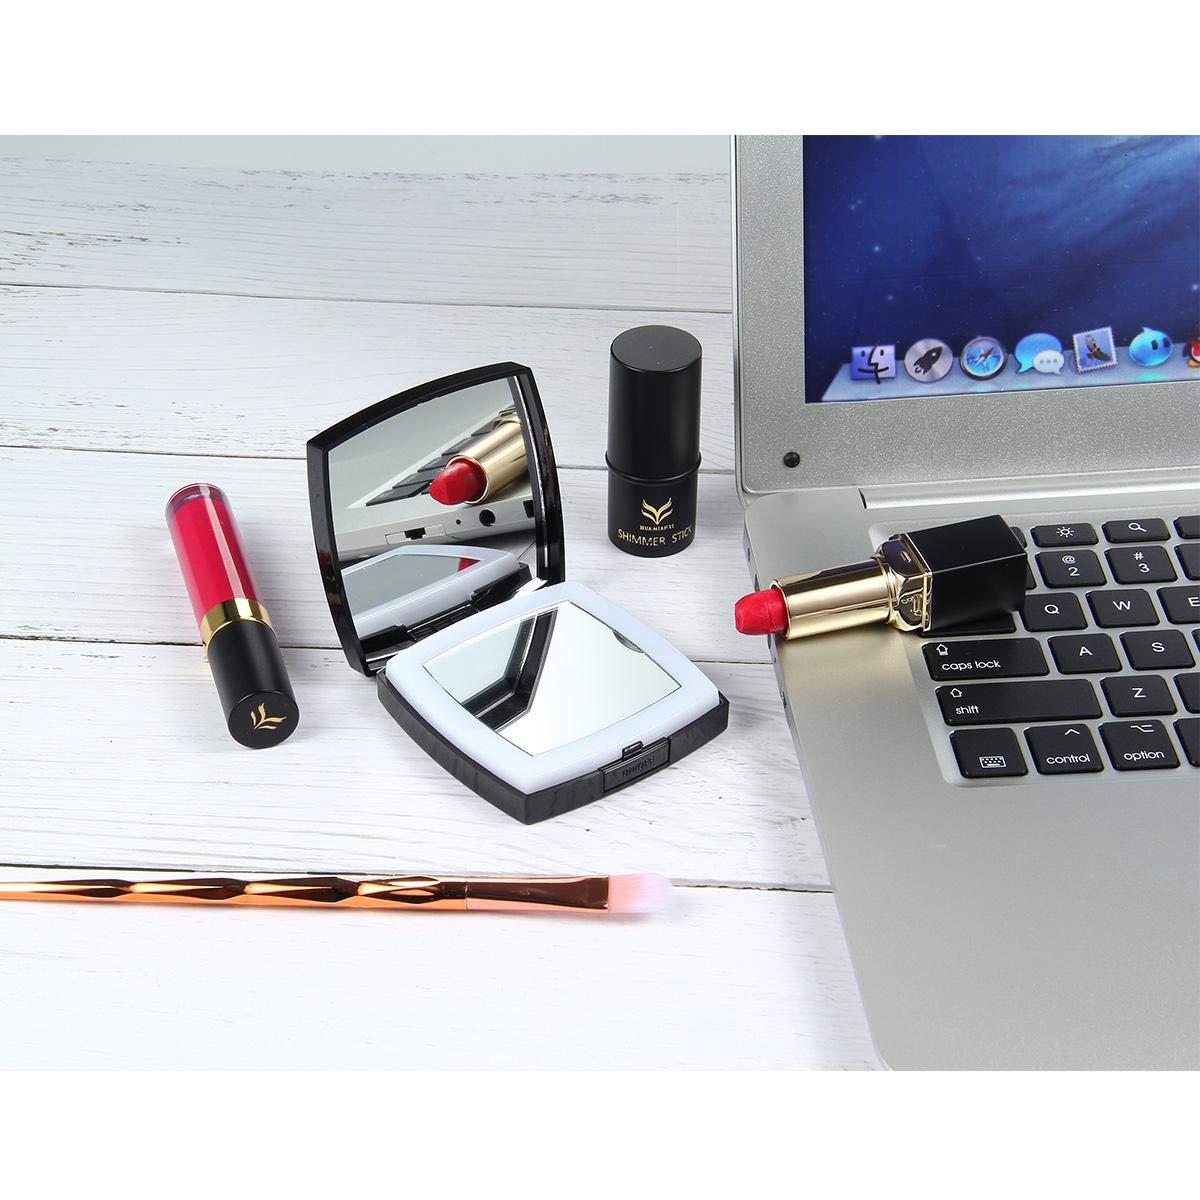 miroir de vanit/é de maquillage portatif avec la charge dUSB Miroir Grossissant Lumineux miroir de voyage tenu dans la main avec le sac MOGOI 1x//10x Miroir Grossissant /éclair/é de Maquillage